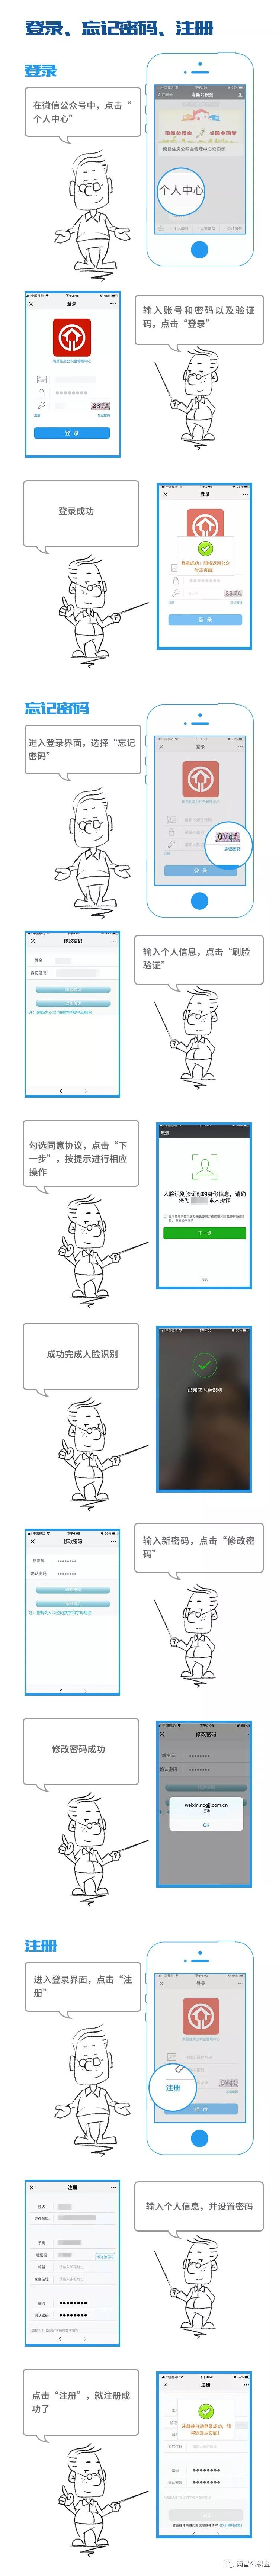 南昌购房提取公积金微信办理流程图解(附步骤图)